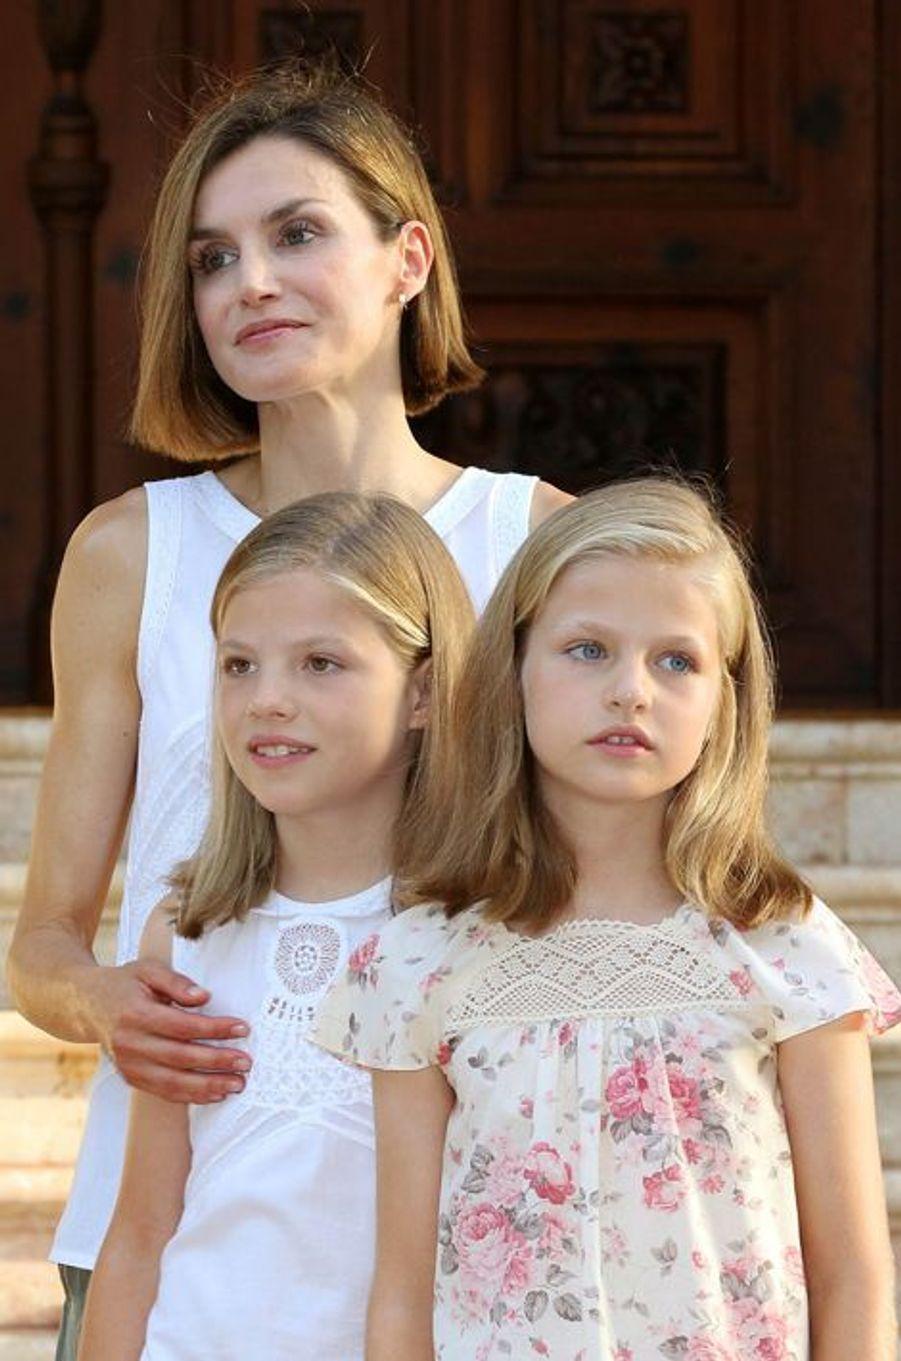 La reine Letizia d'Espagne et les princesses Leonor et Sofia (de droite à gauche), le 3 août 2015